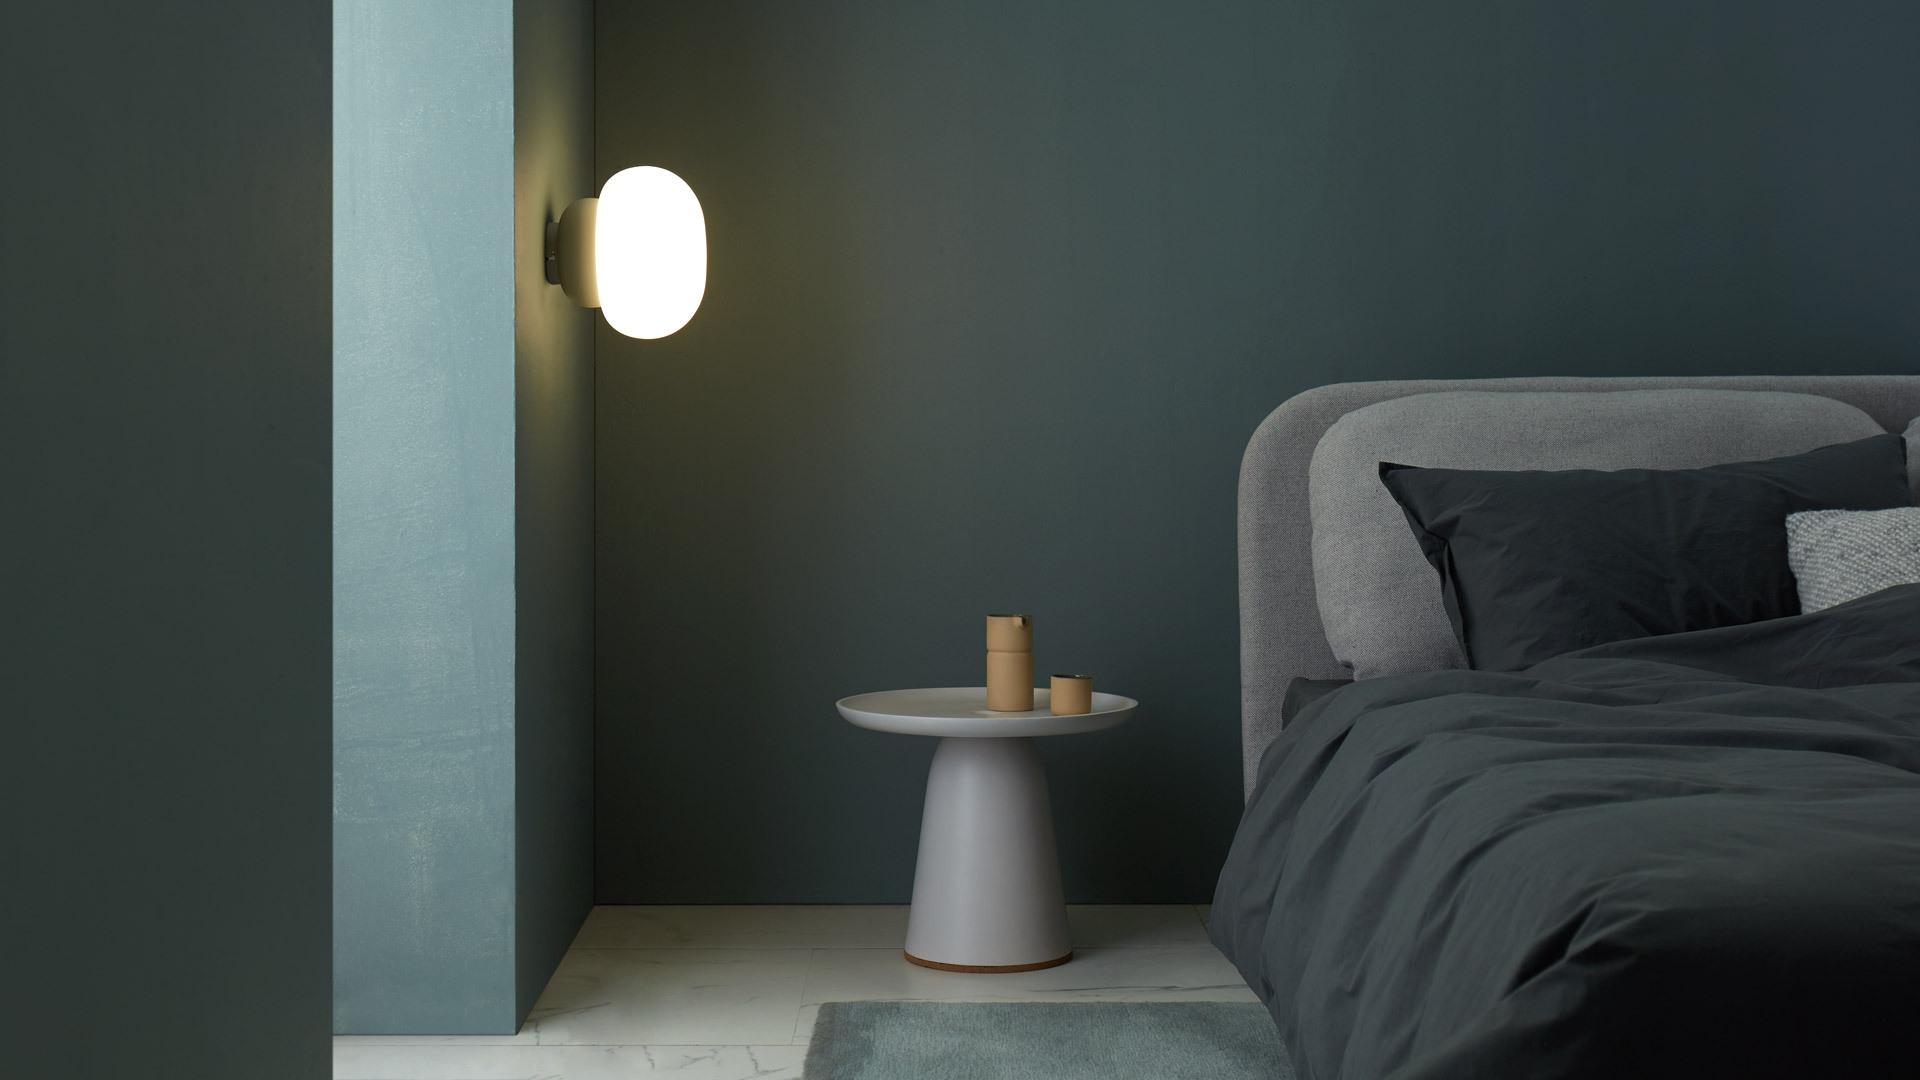 墙面壁灯,柔和睡眠空间